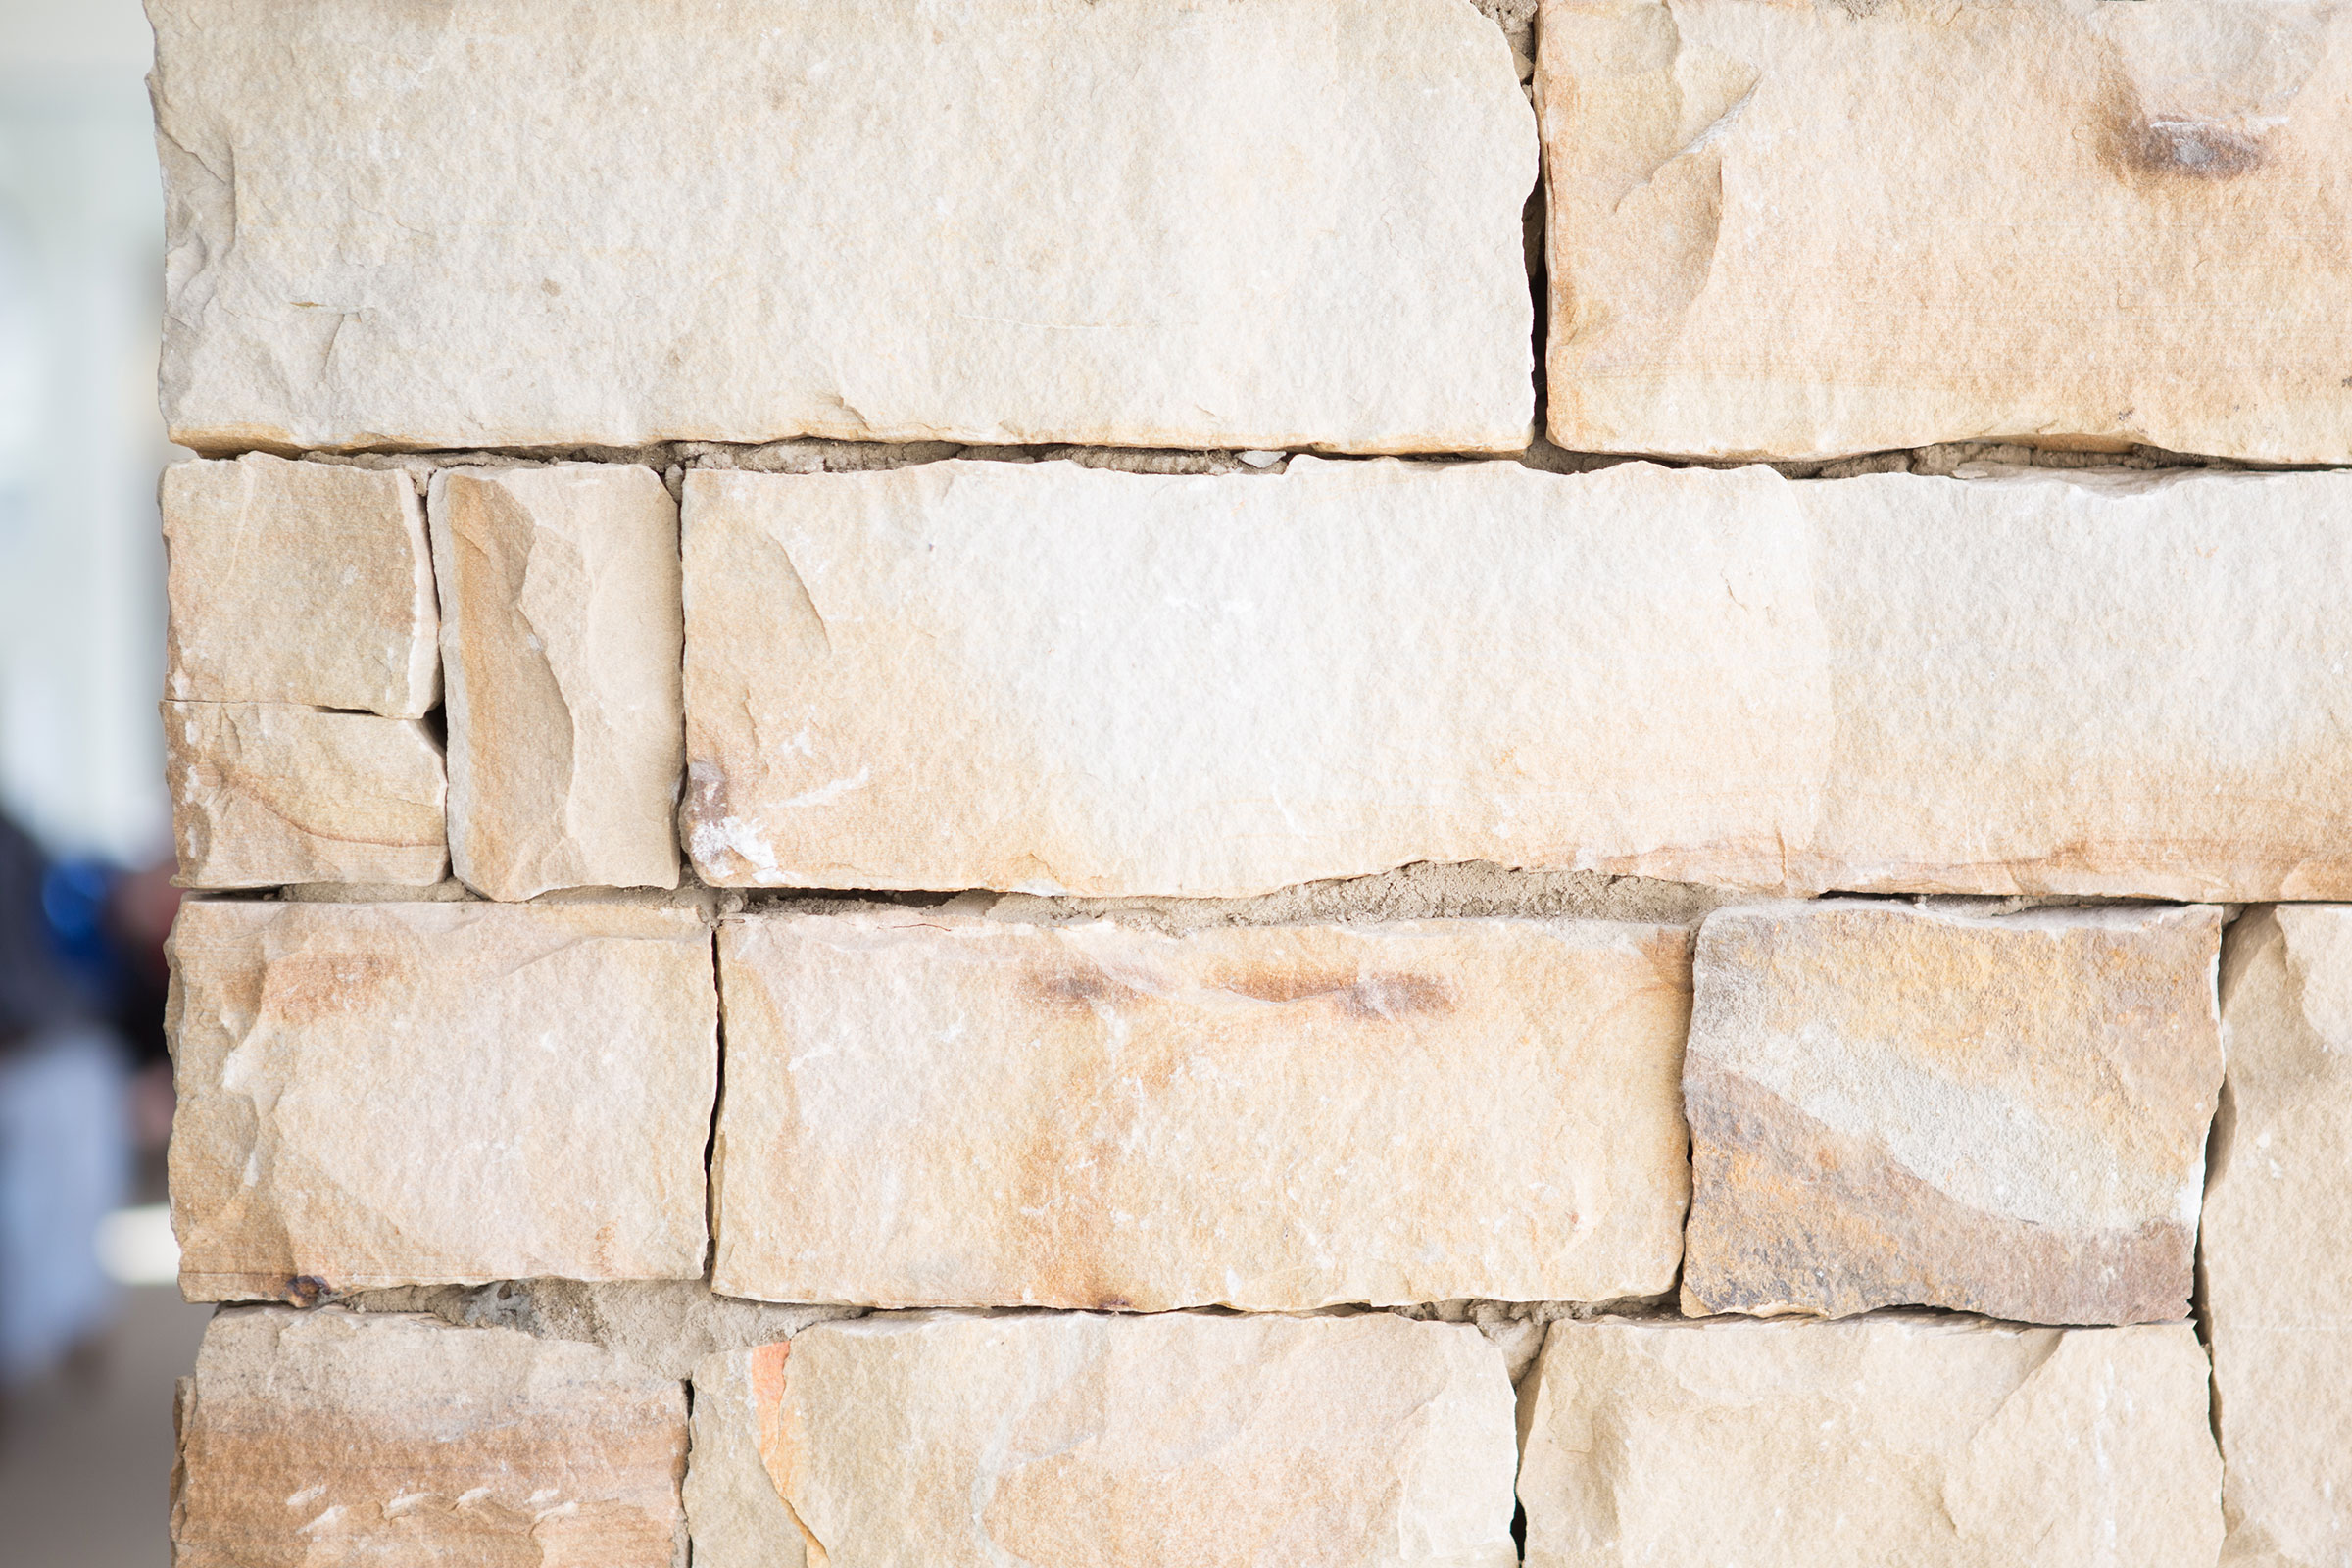 brick column close up